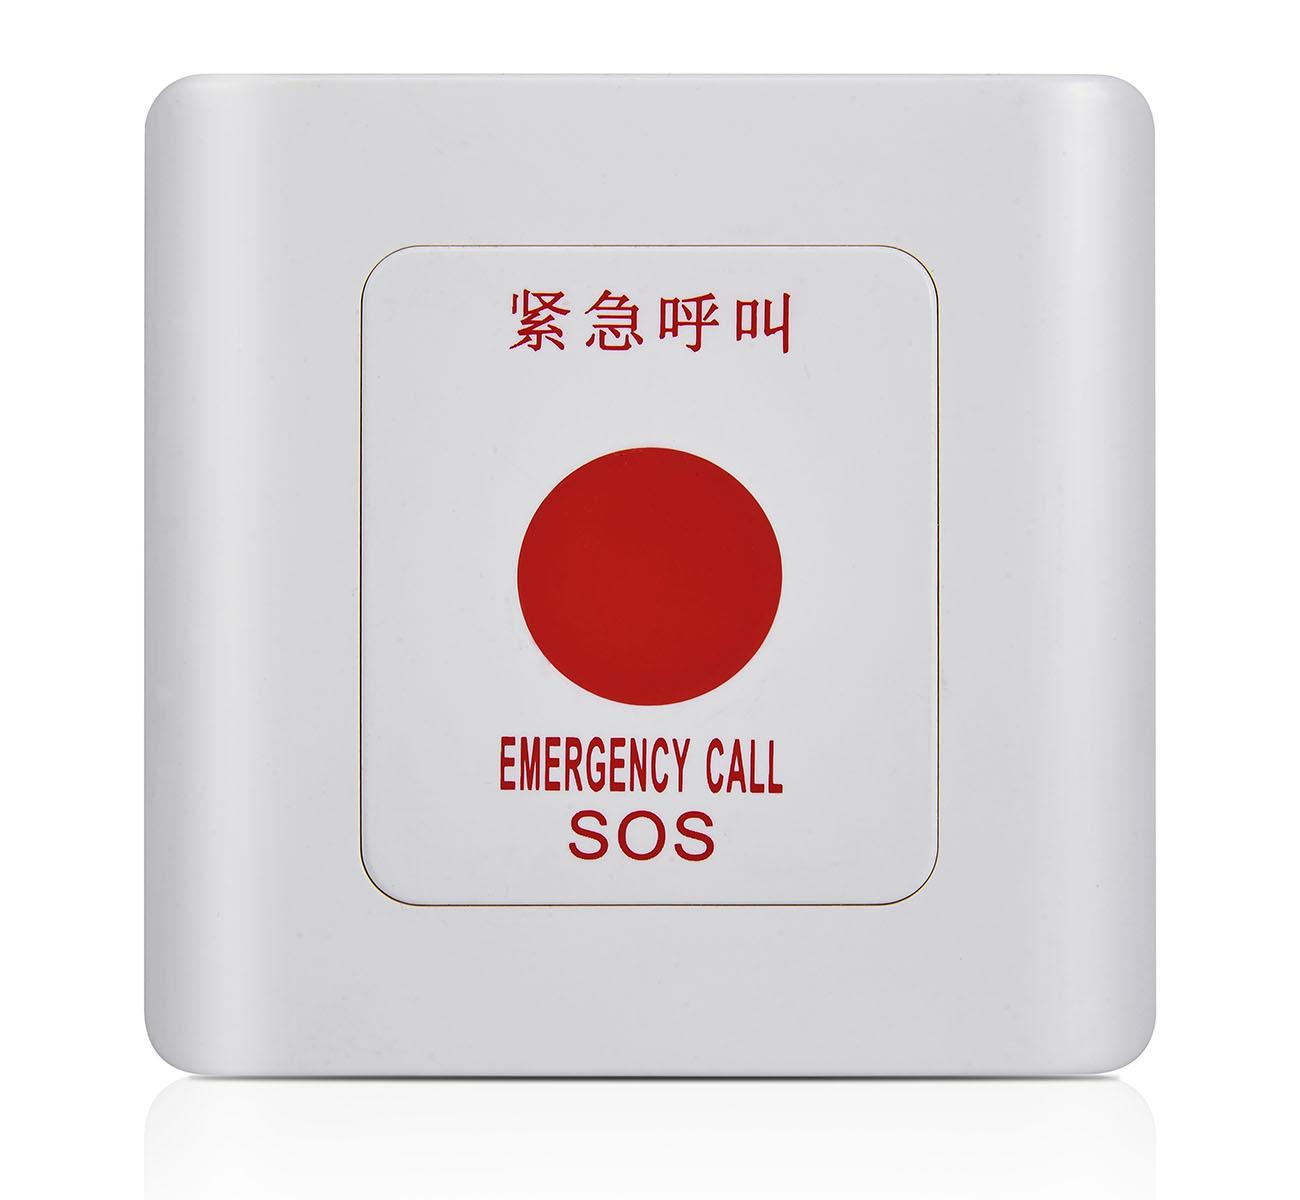 洗手间手动报警按钮